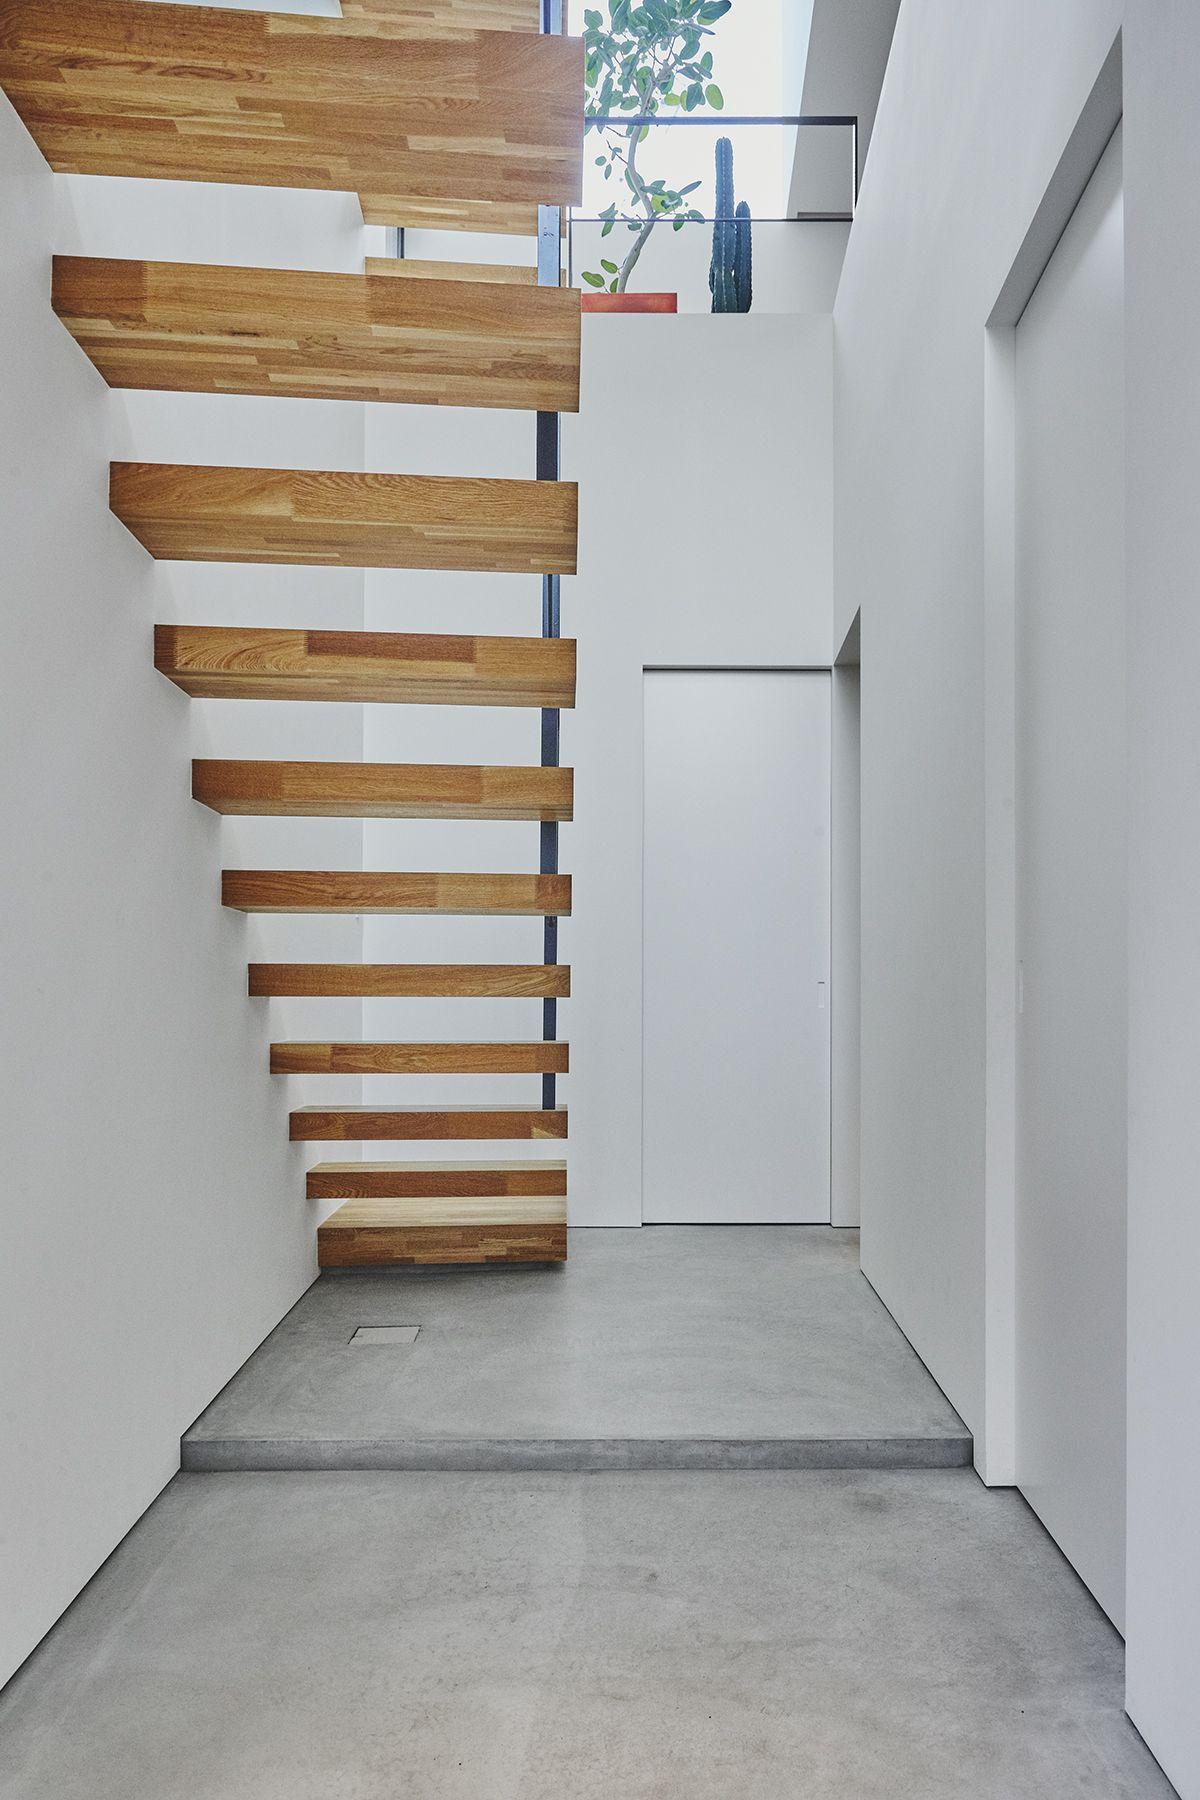 桜新町の家/個人宅 (サクラシンマチノイエ)1Fから2Fへの階段